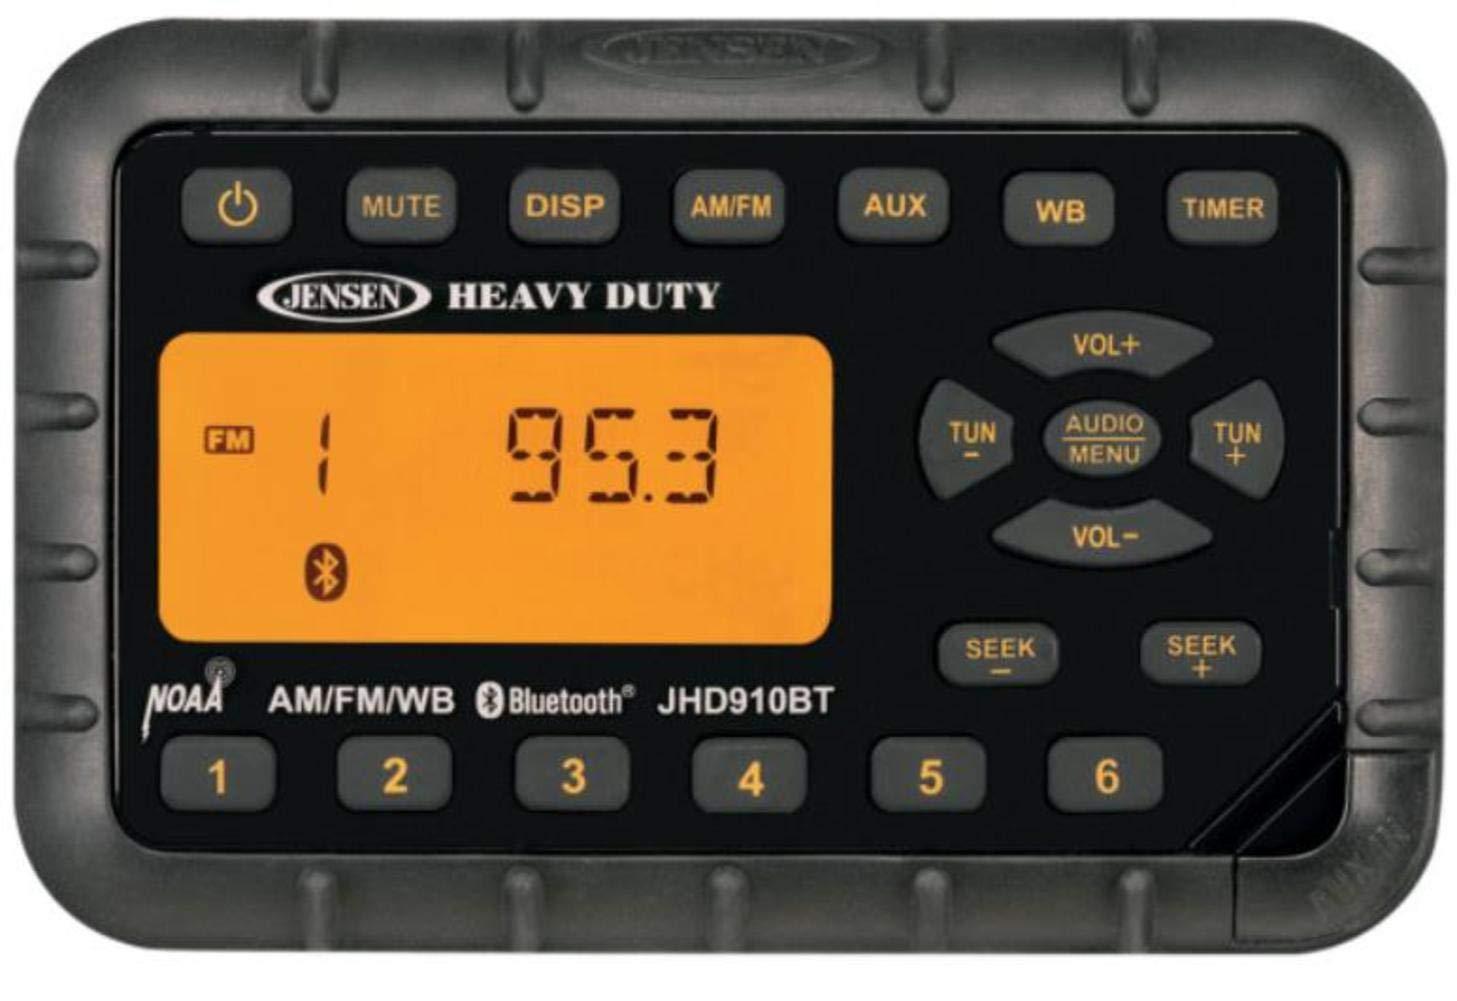 Jensen jhd910bt AM/FM/WB resistente impermeable mini radio con ...